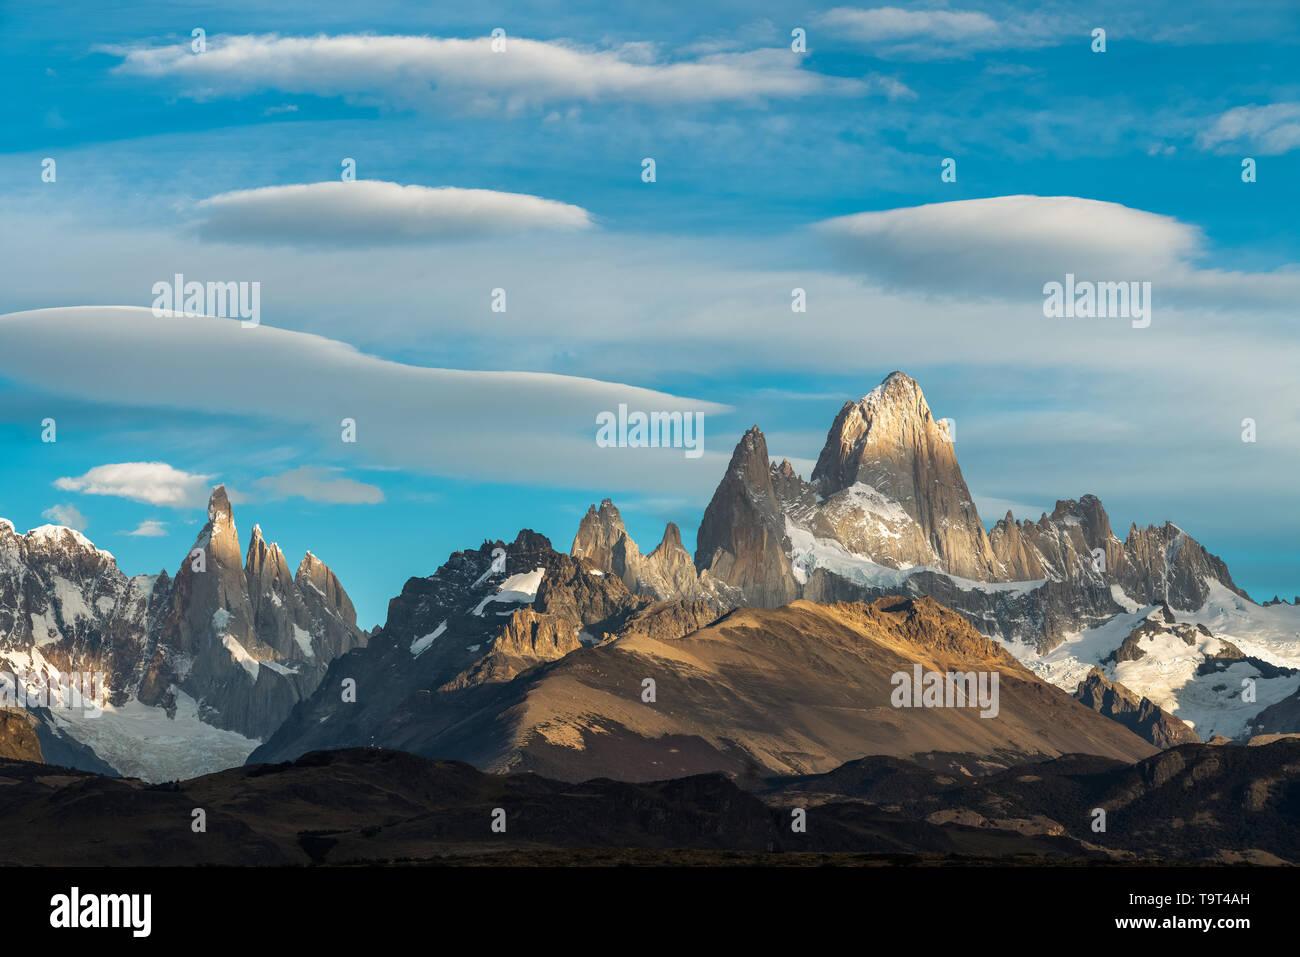 Moteado, la luz y la sombra en el Monte Fitz Roy y el Cerro Torre en el Parque Nacional Los Glaciares, cerca de El Chaltén, Argentina. Un sitio de Patrimonio Mundial de la UNESCO en Foto de stock